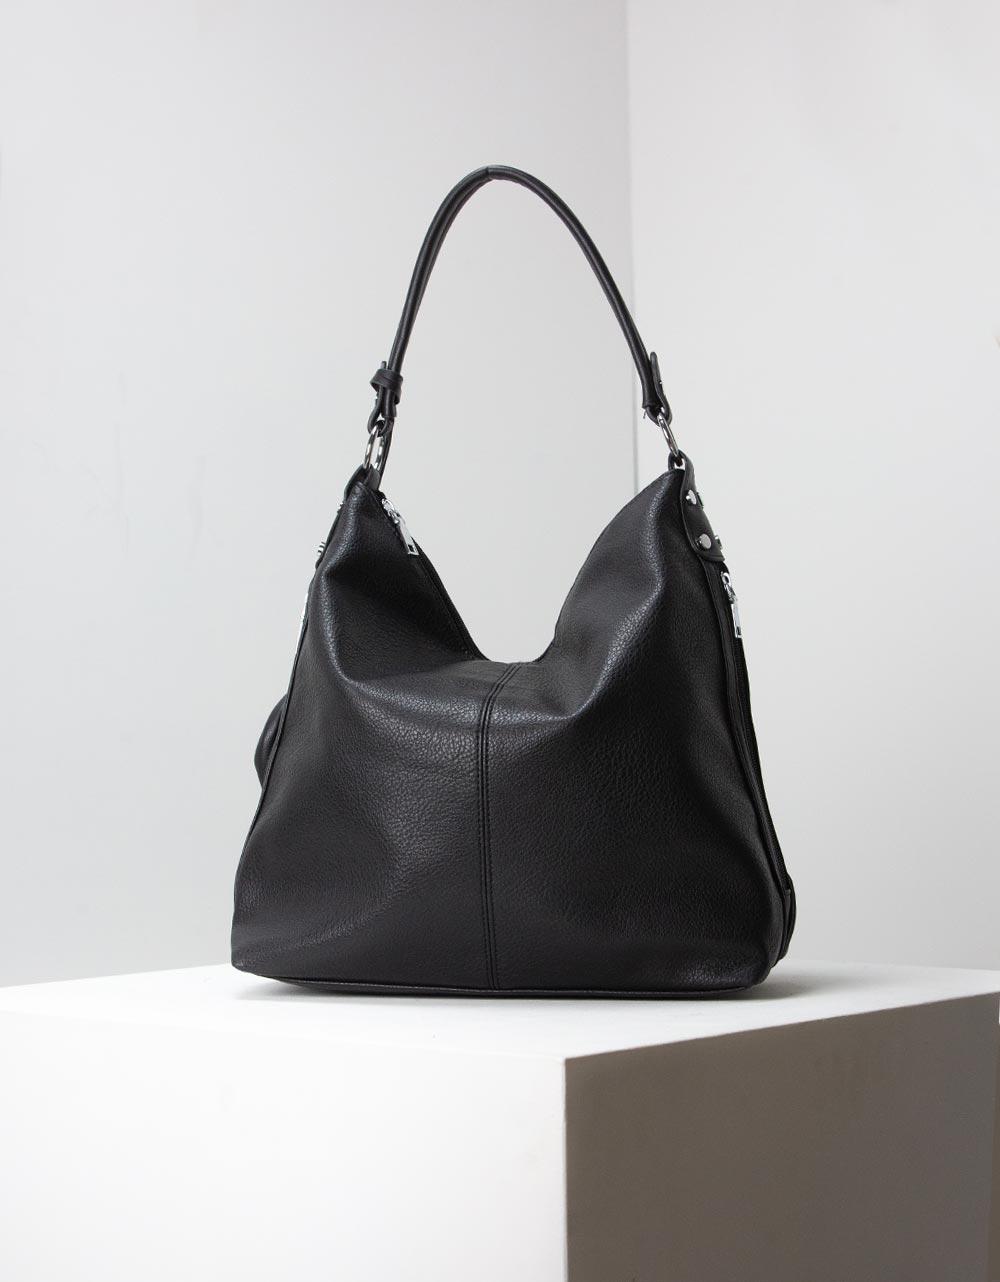 Εικόνα από Γυναικείες τσάντες ώμου χιαστί μονόχρωμες Μαύρο